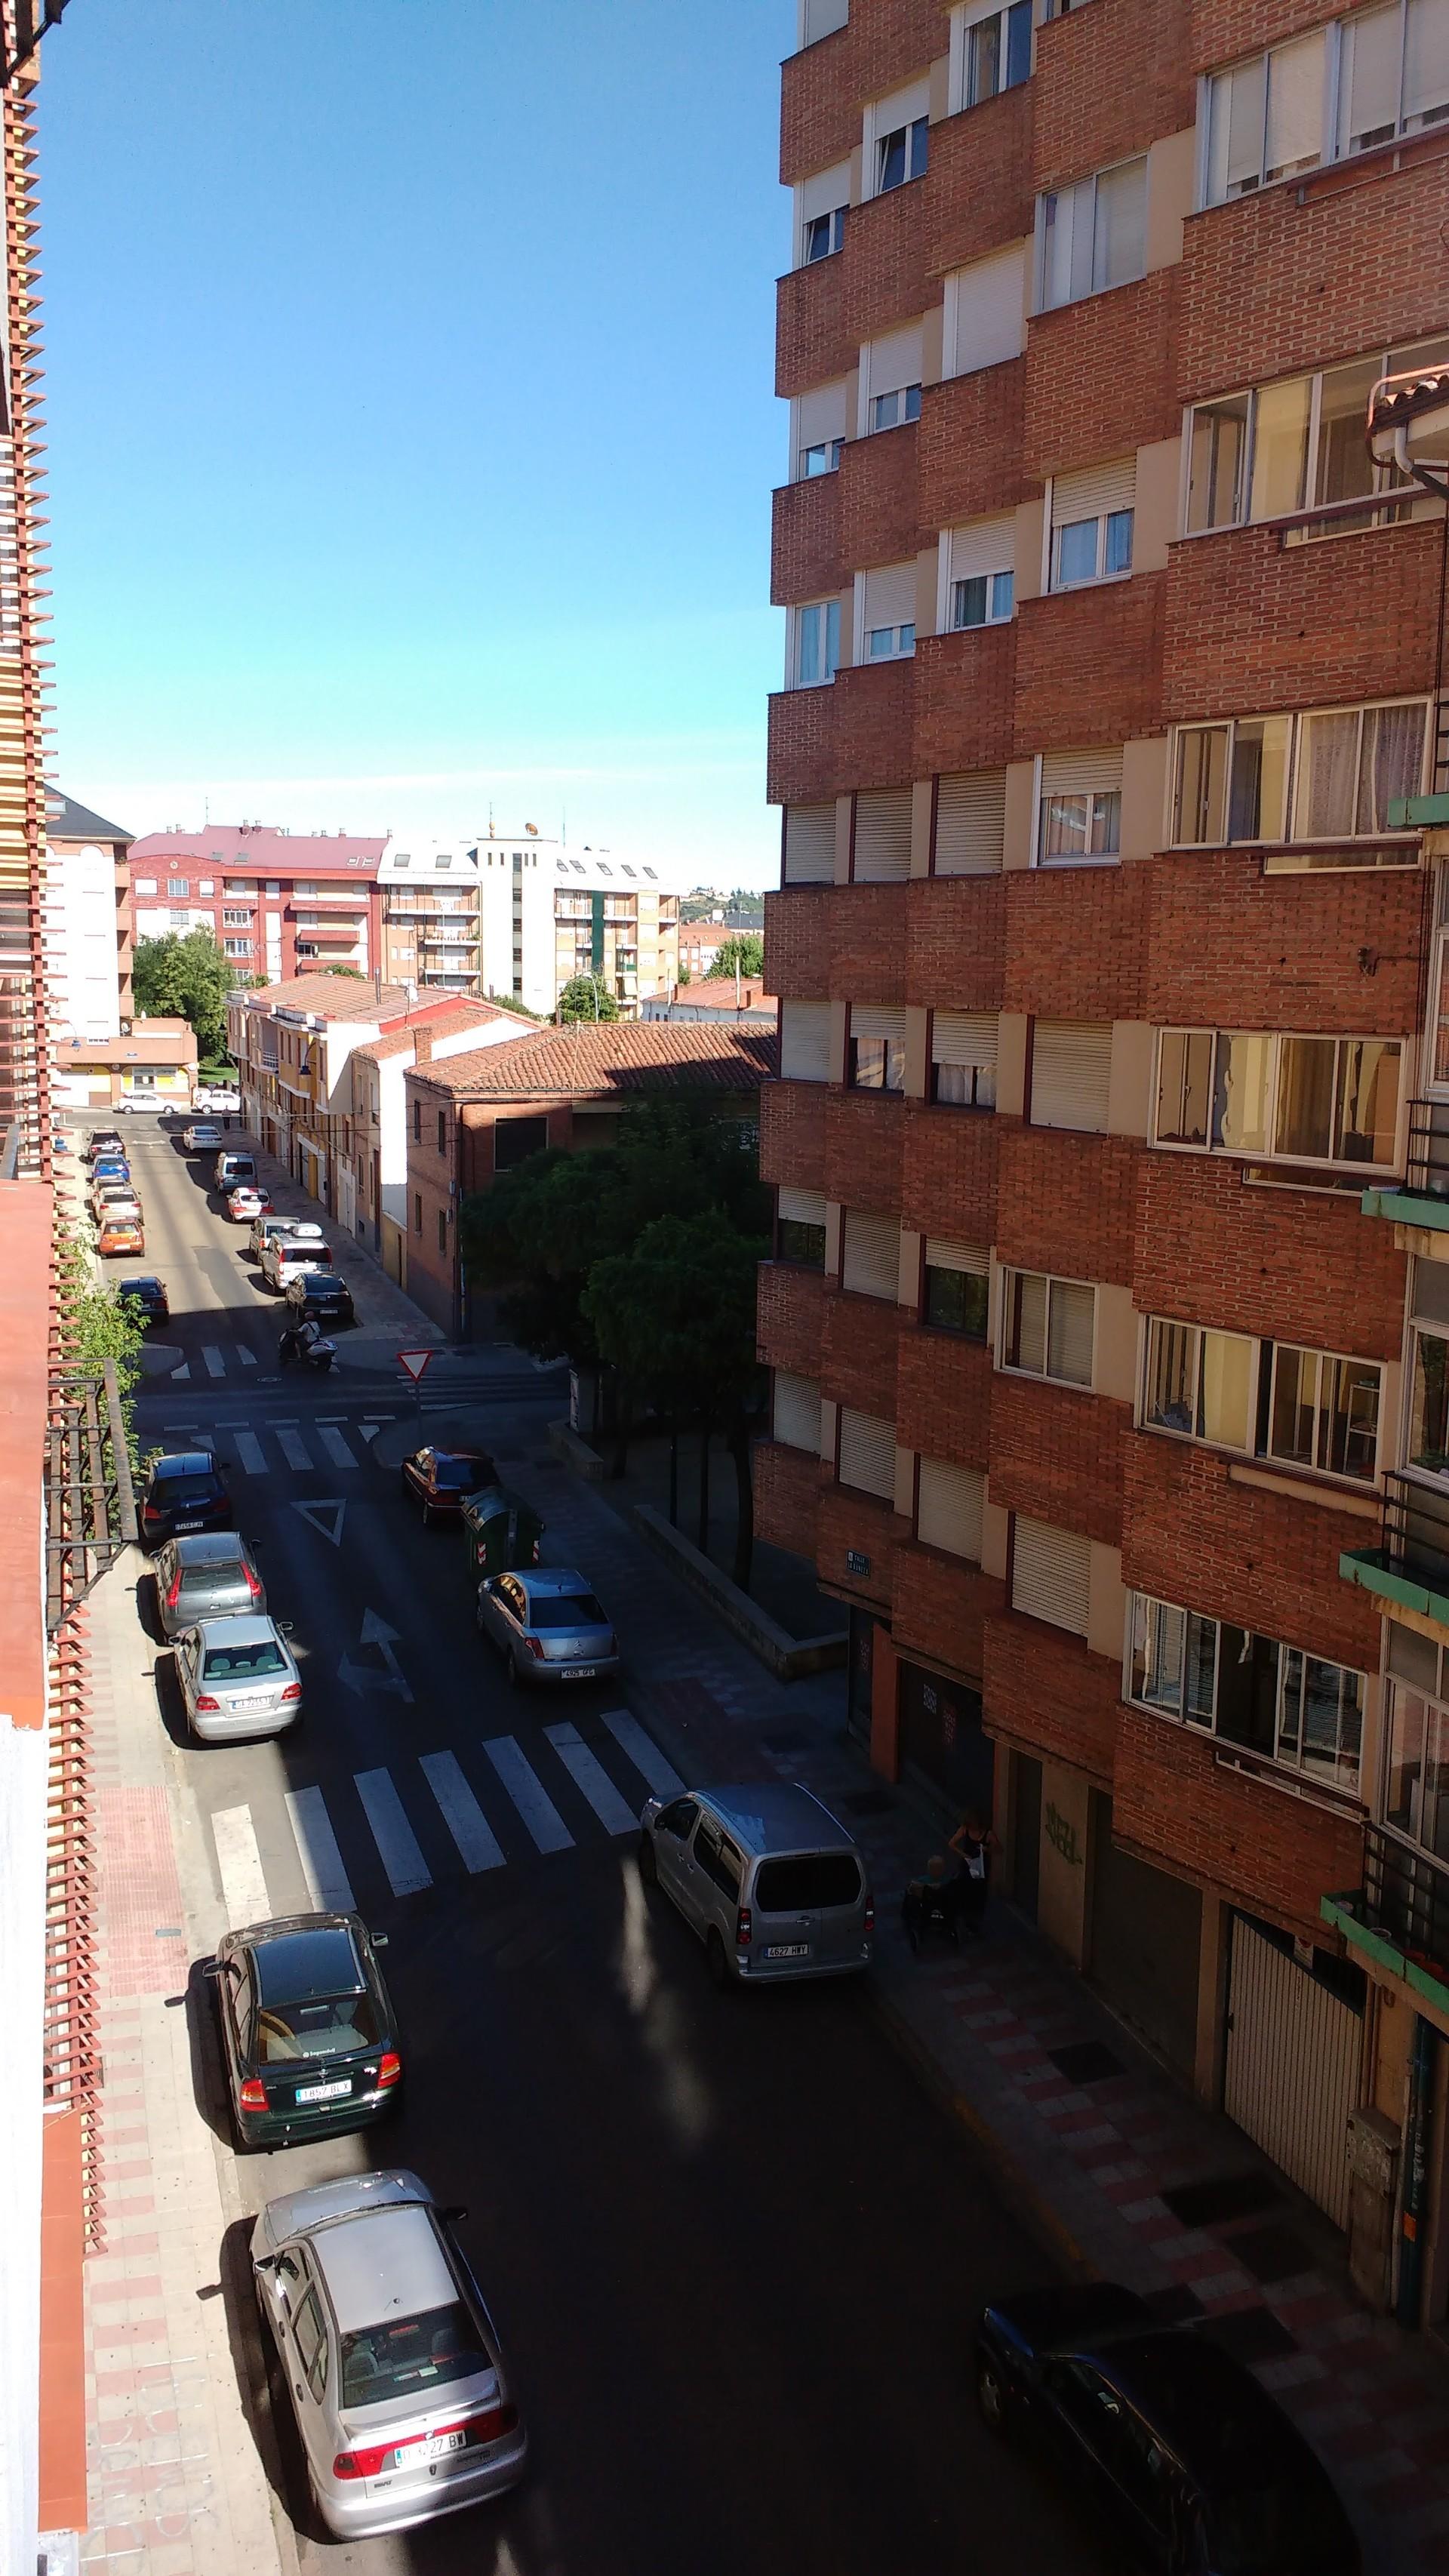 Universidad de León. Piso cómodo y cálido.